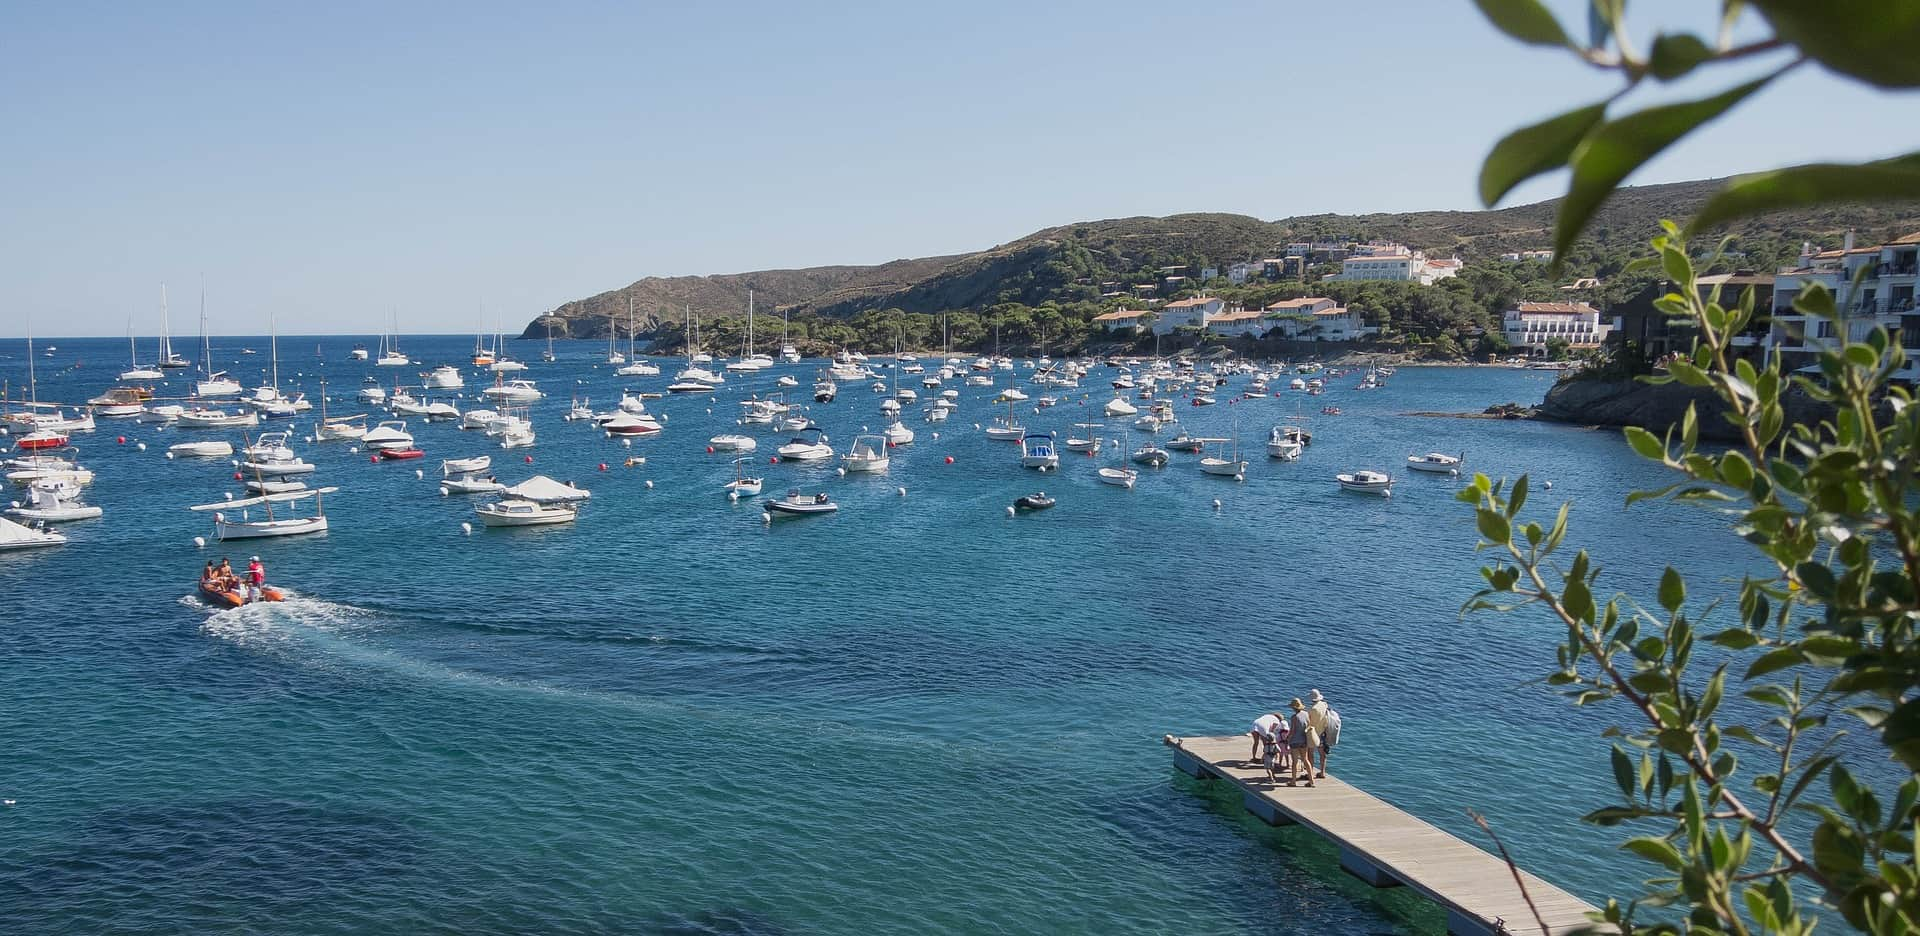 Ich empfehle euch aufjedenfall eine Bootstour durch den Mittelmeer in der Stadt